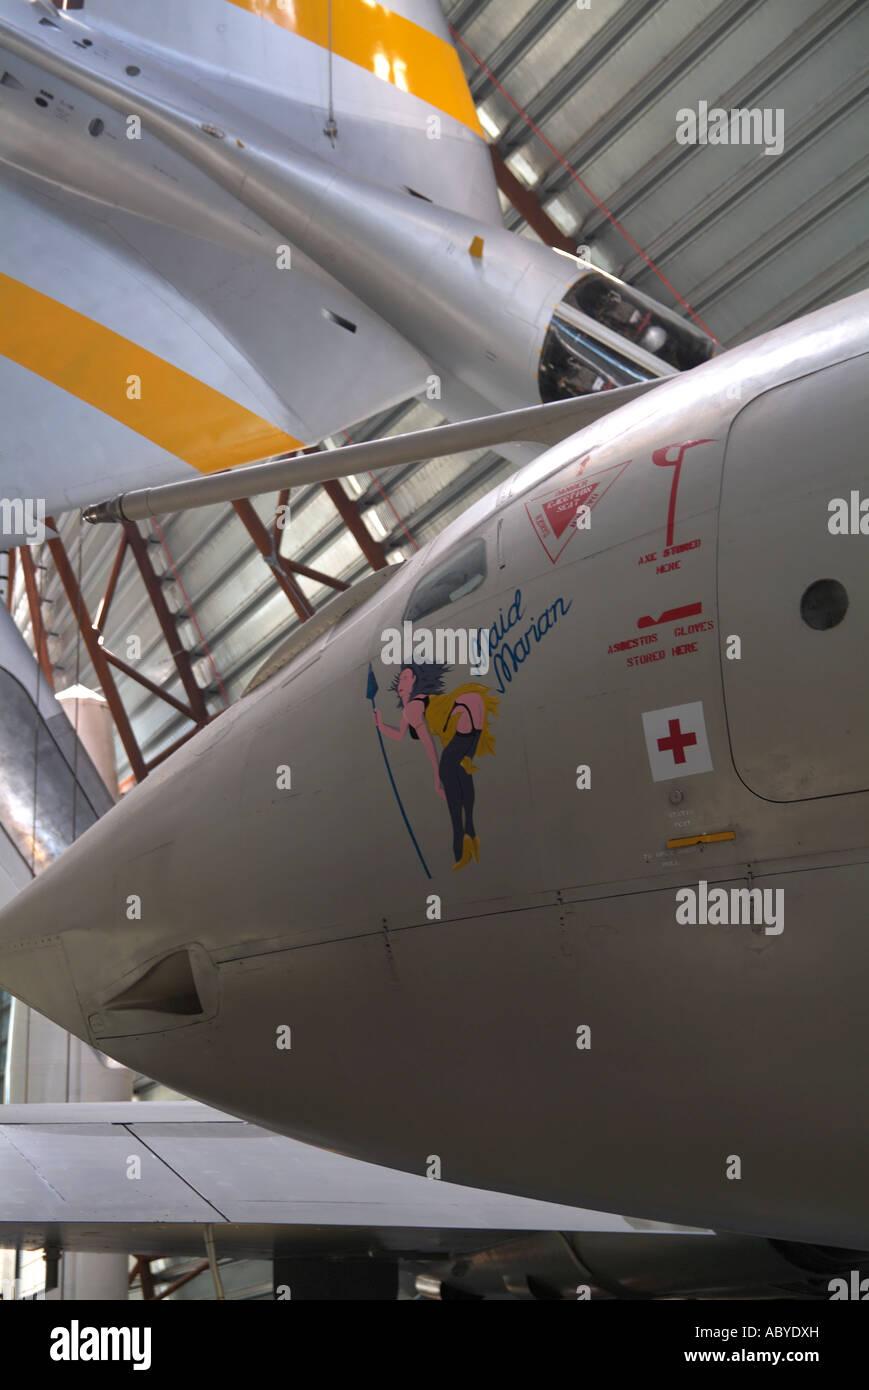 HANDLEY PAGE VICTOR BOMBARDERO NUCLEAR Y Hawker Hunter Jet Trainer T7 en el Museo de la guerra fría. RAF Cosford. Imagen De Stock